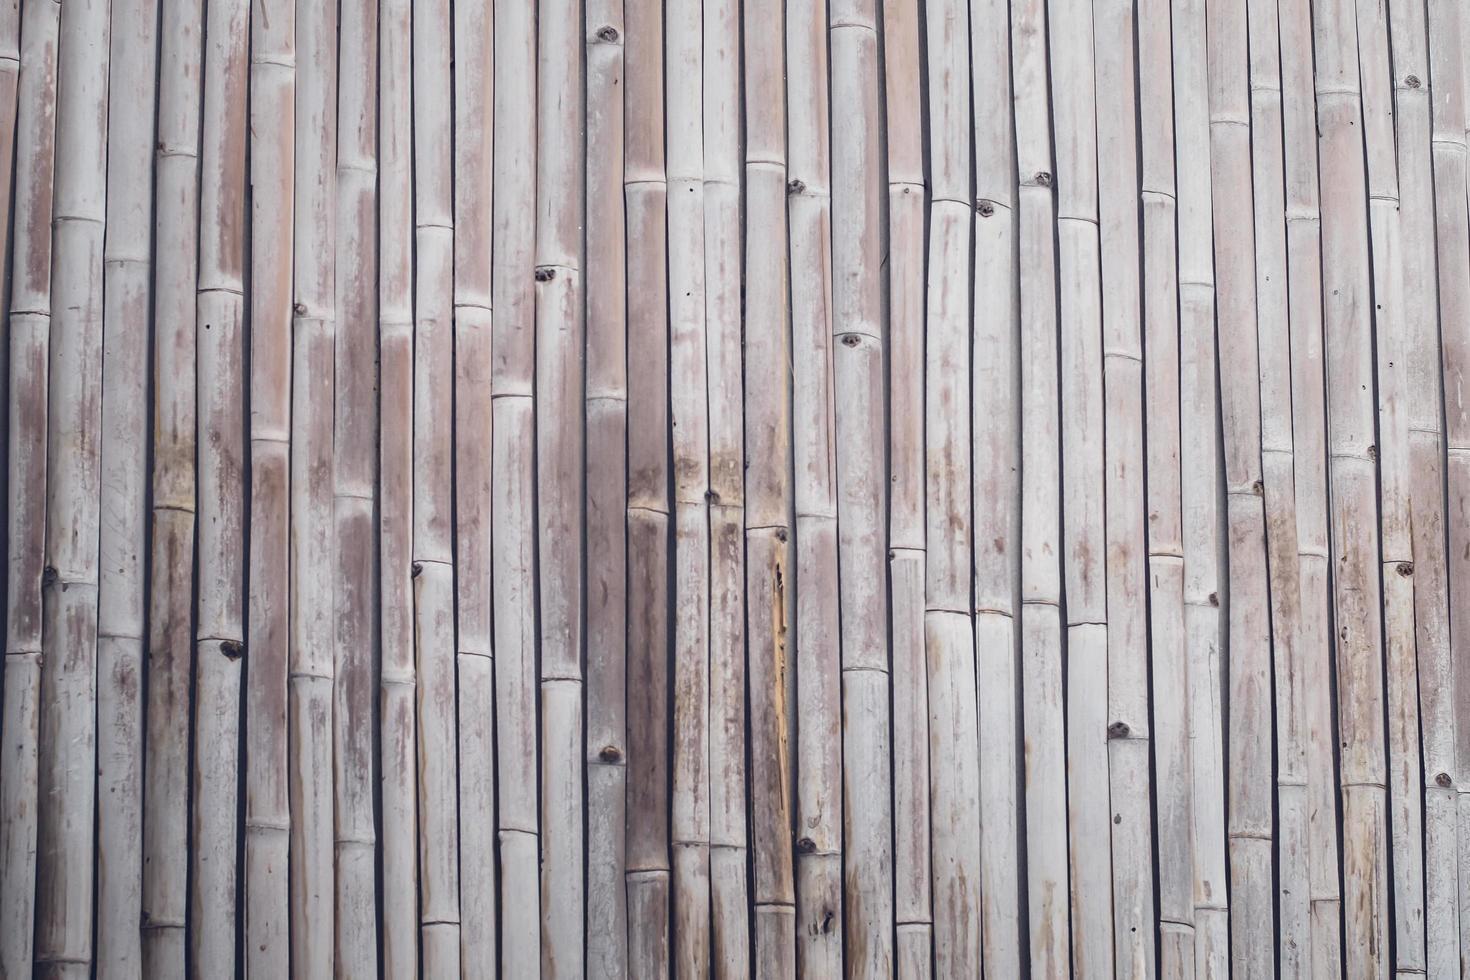 textura de cerca de prancha de bambu de tom marrom velho para segundo plano. Feche acima da velha madeira decorativa de bambu do fundo da cerca foto